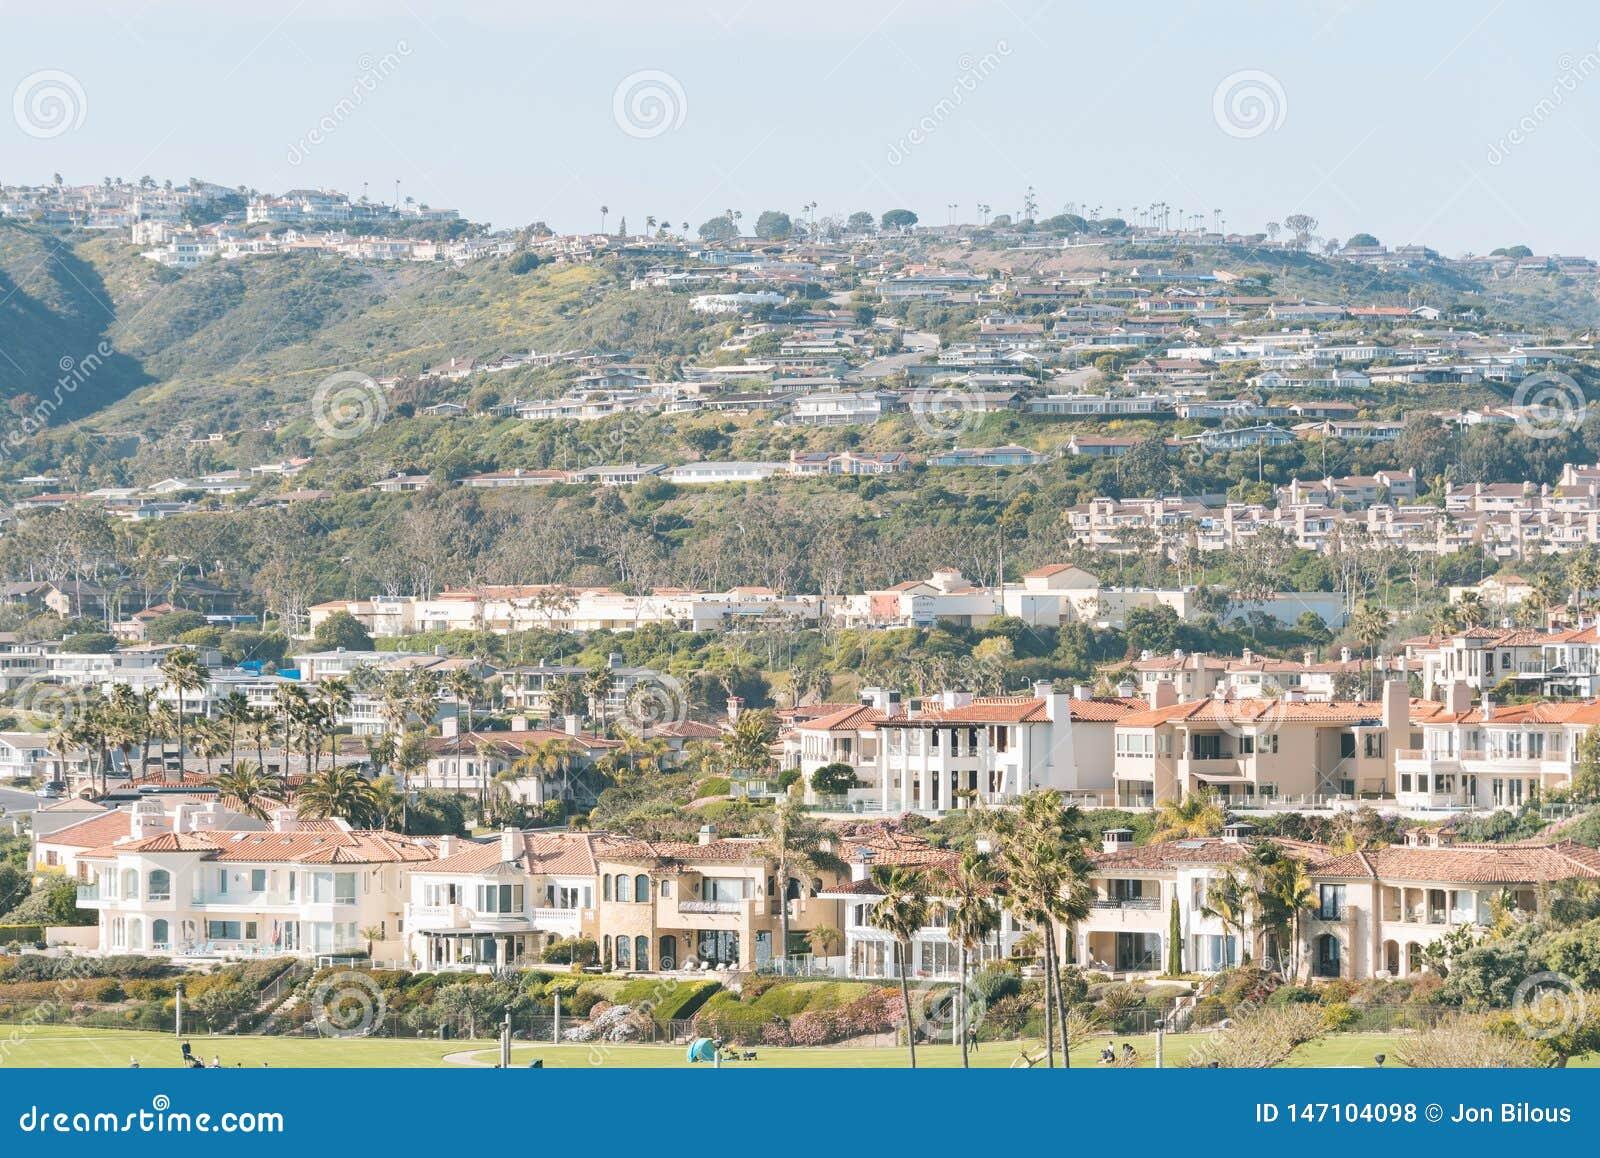 Vista de casas y de colinas en Laguna Niguel y Dana Point, Condado de Orange, California